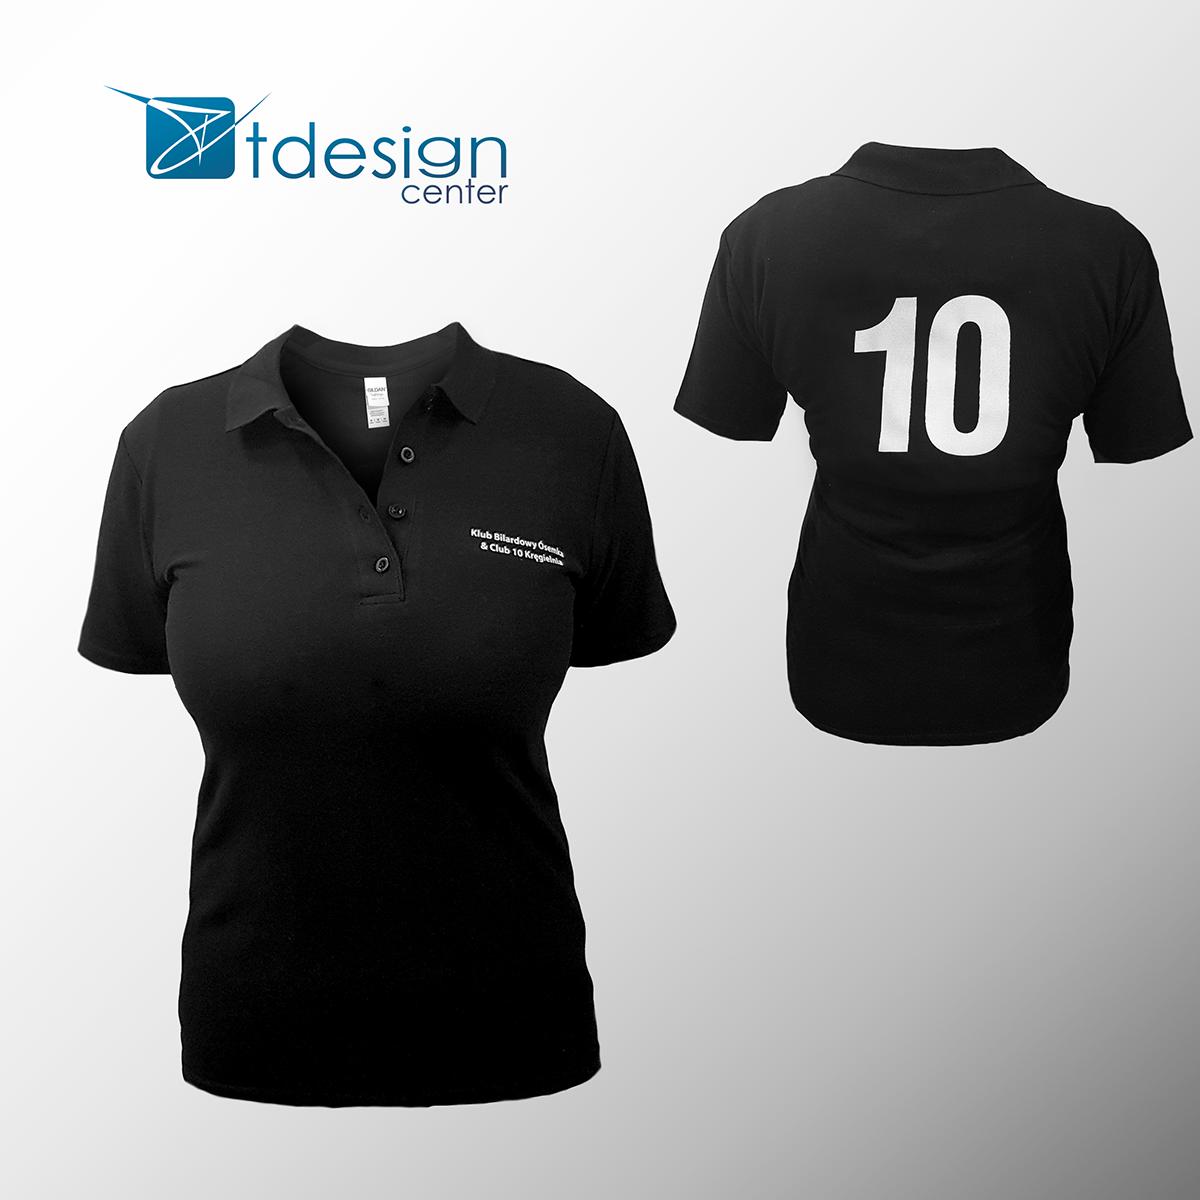 Damska koszulka Polo z nadrukiem - projekt + realizacja